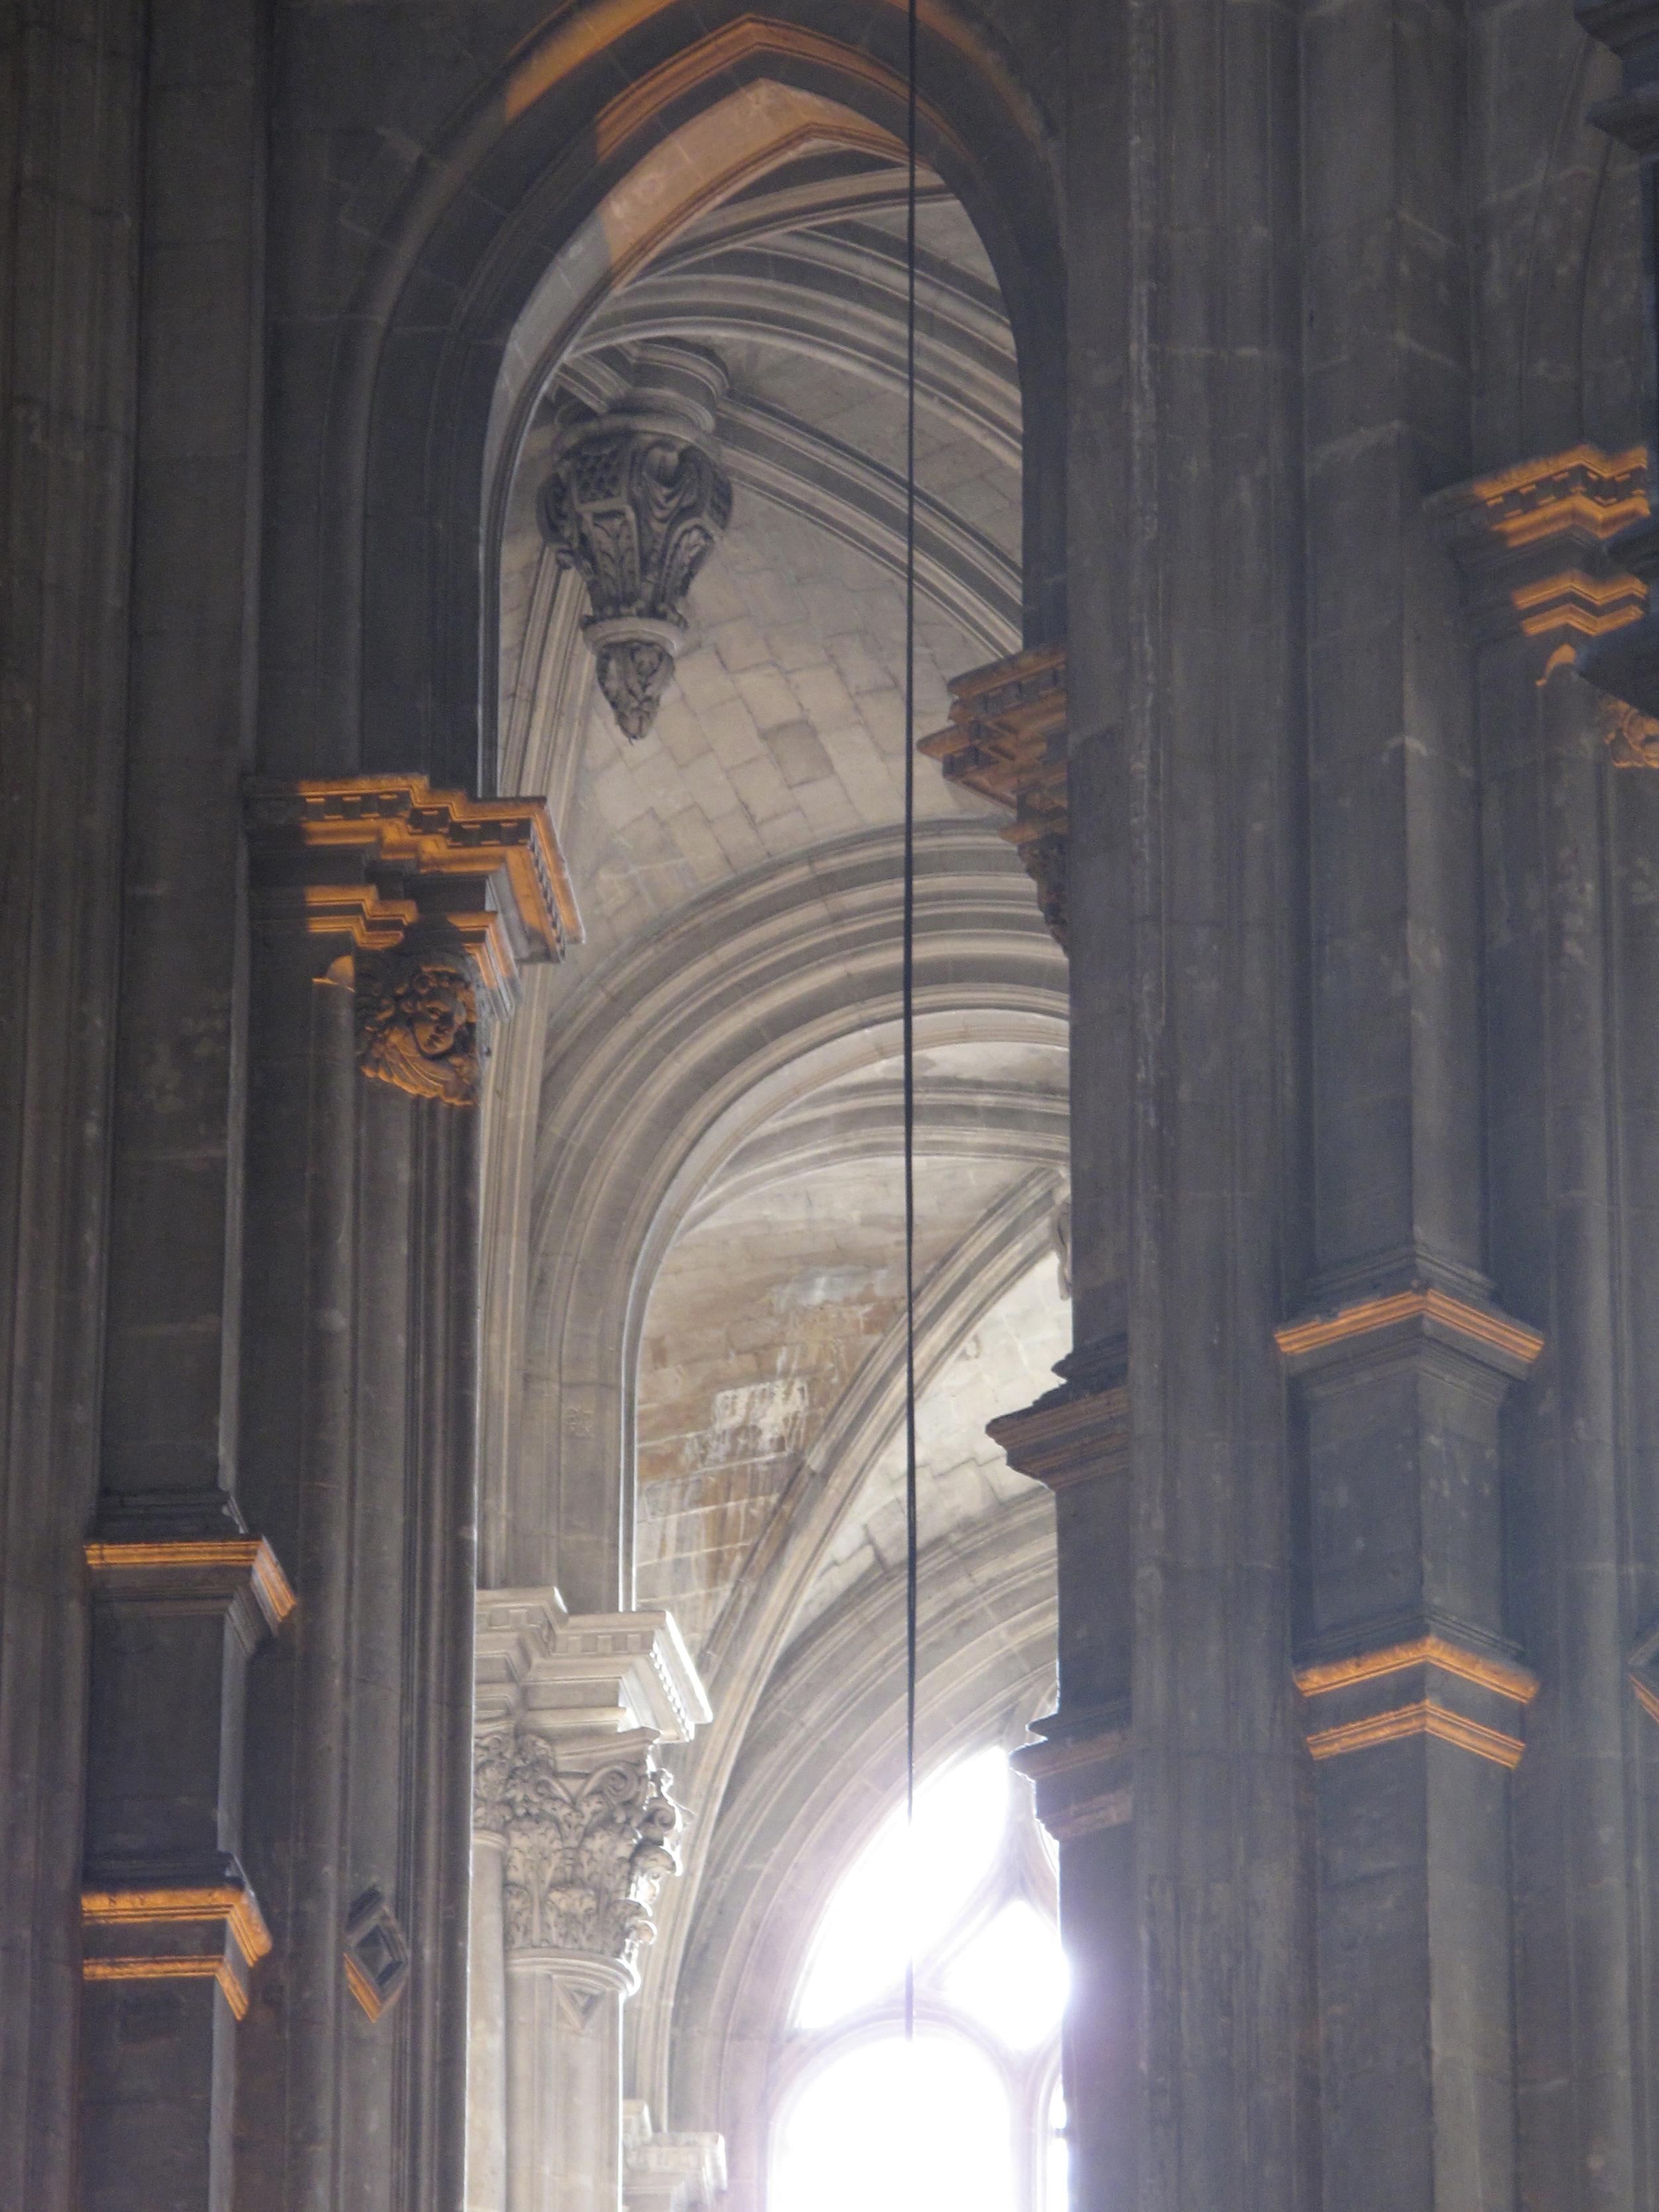 Church architecture, gothic vaulting, Paris